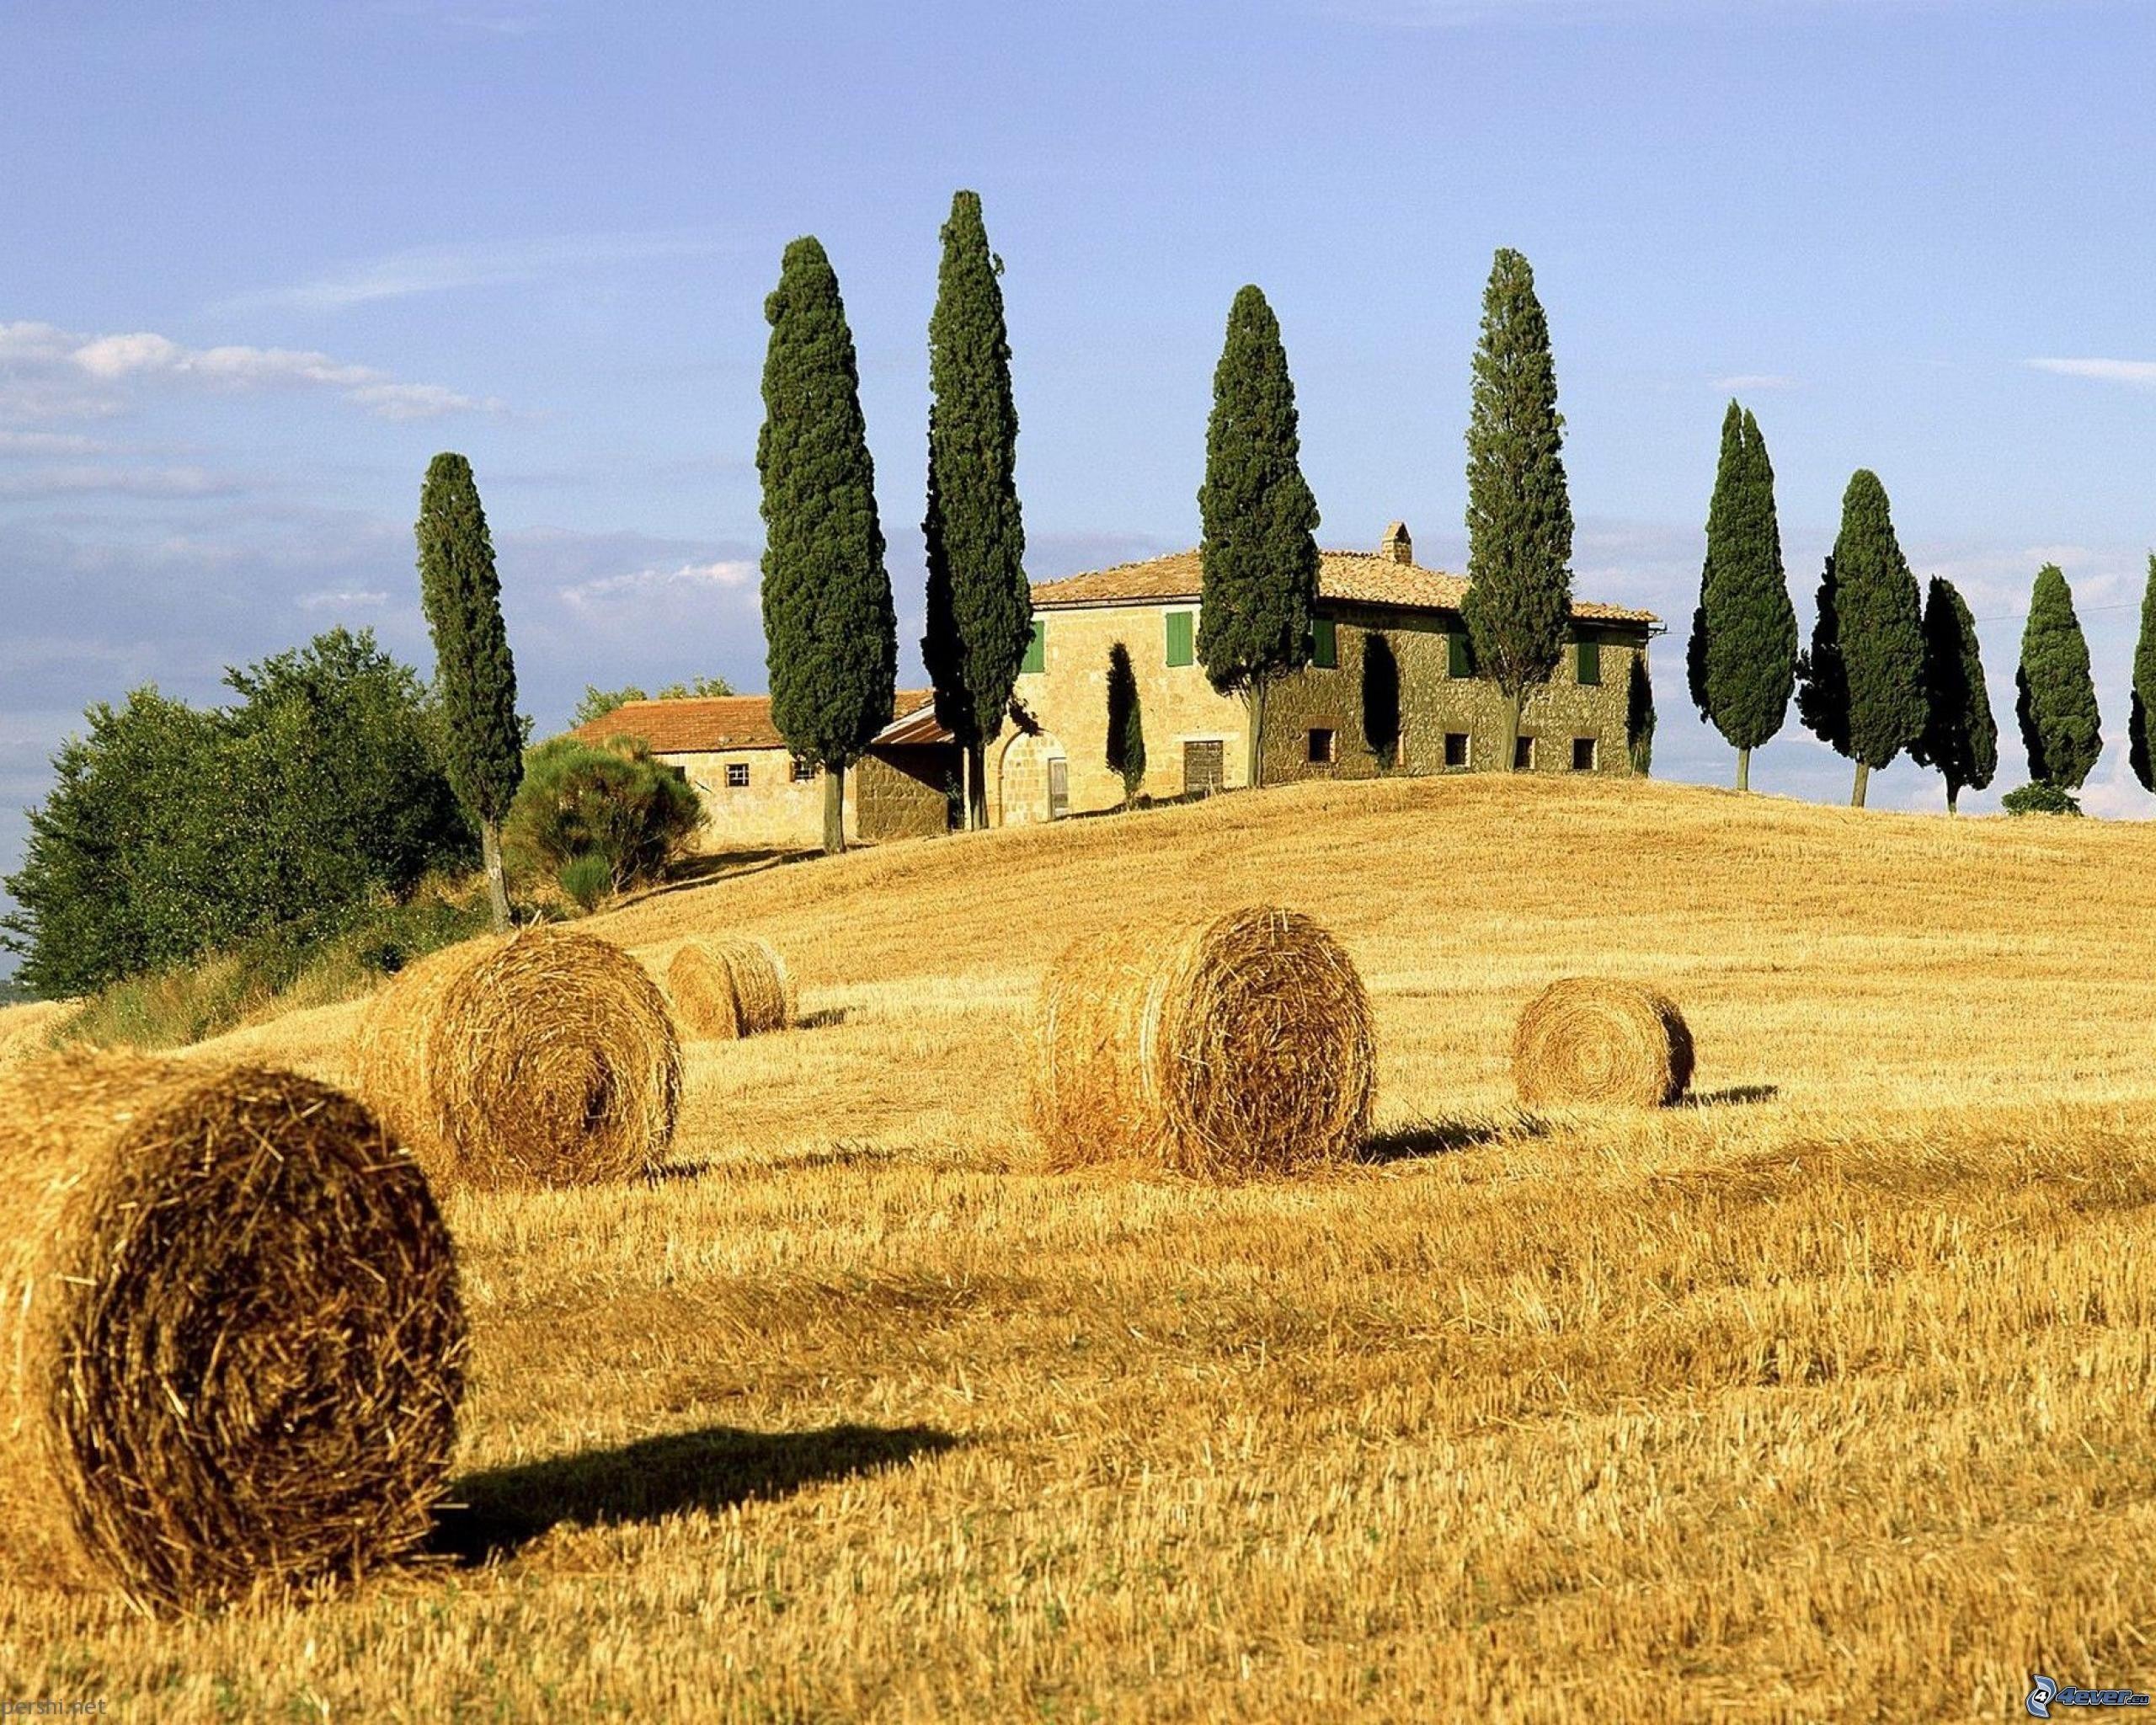 Ambiente- Hay una casa solitaria en un valle con un cosecha de maiz y frijoles.